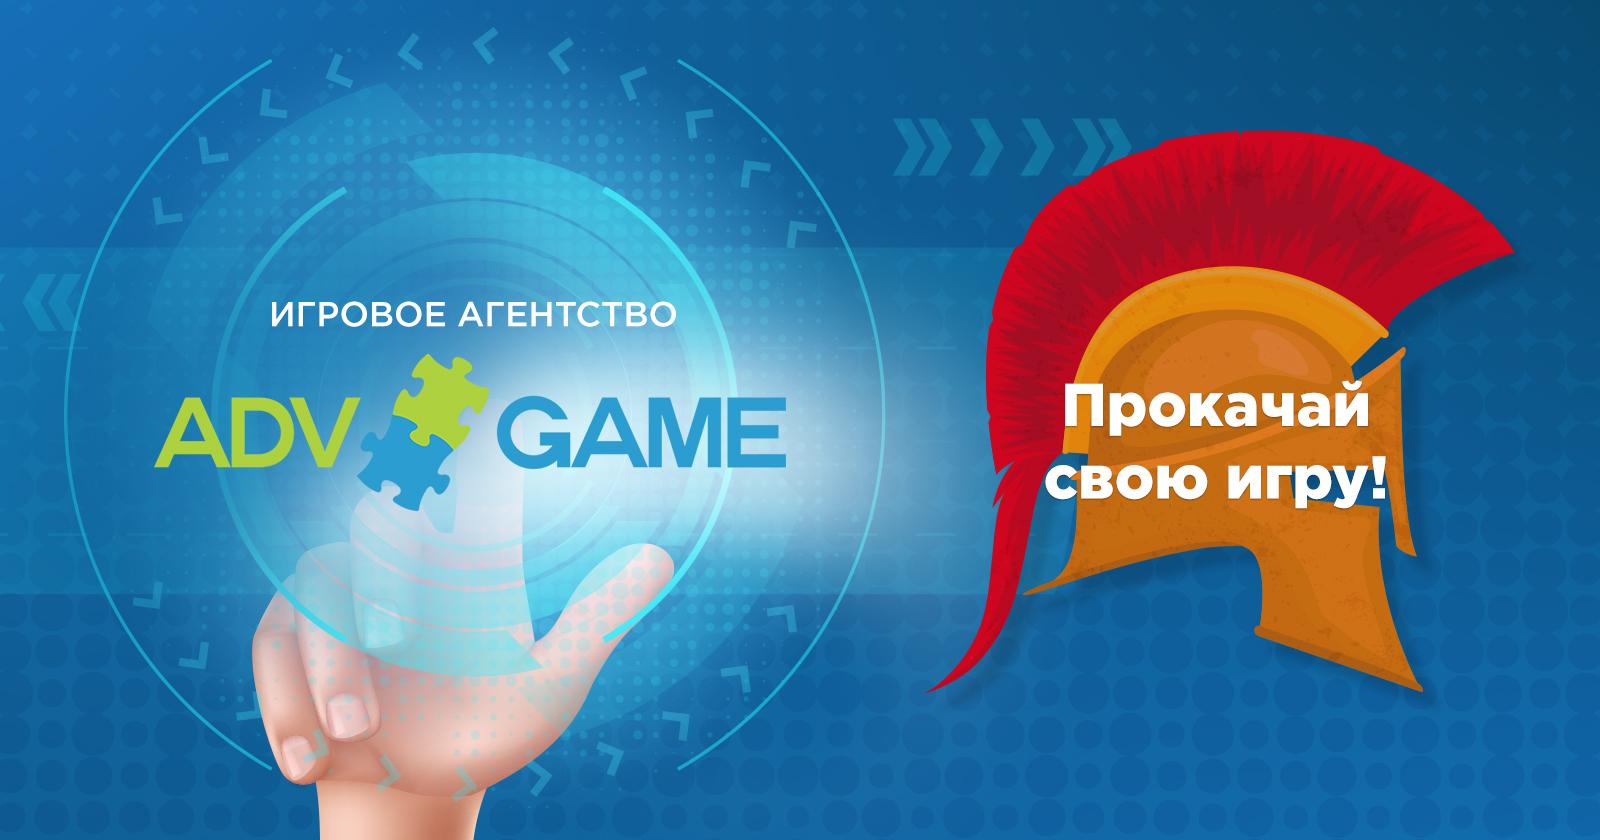 ADVGame – игровая партнерская программа